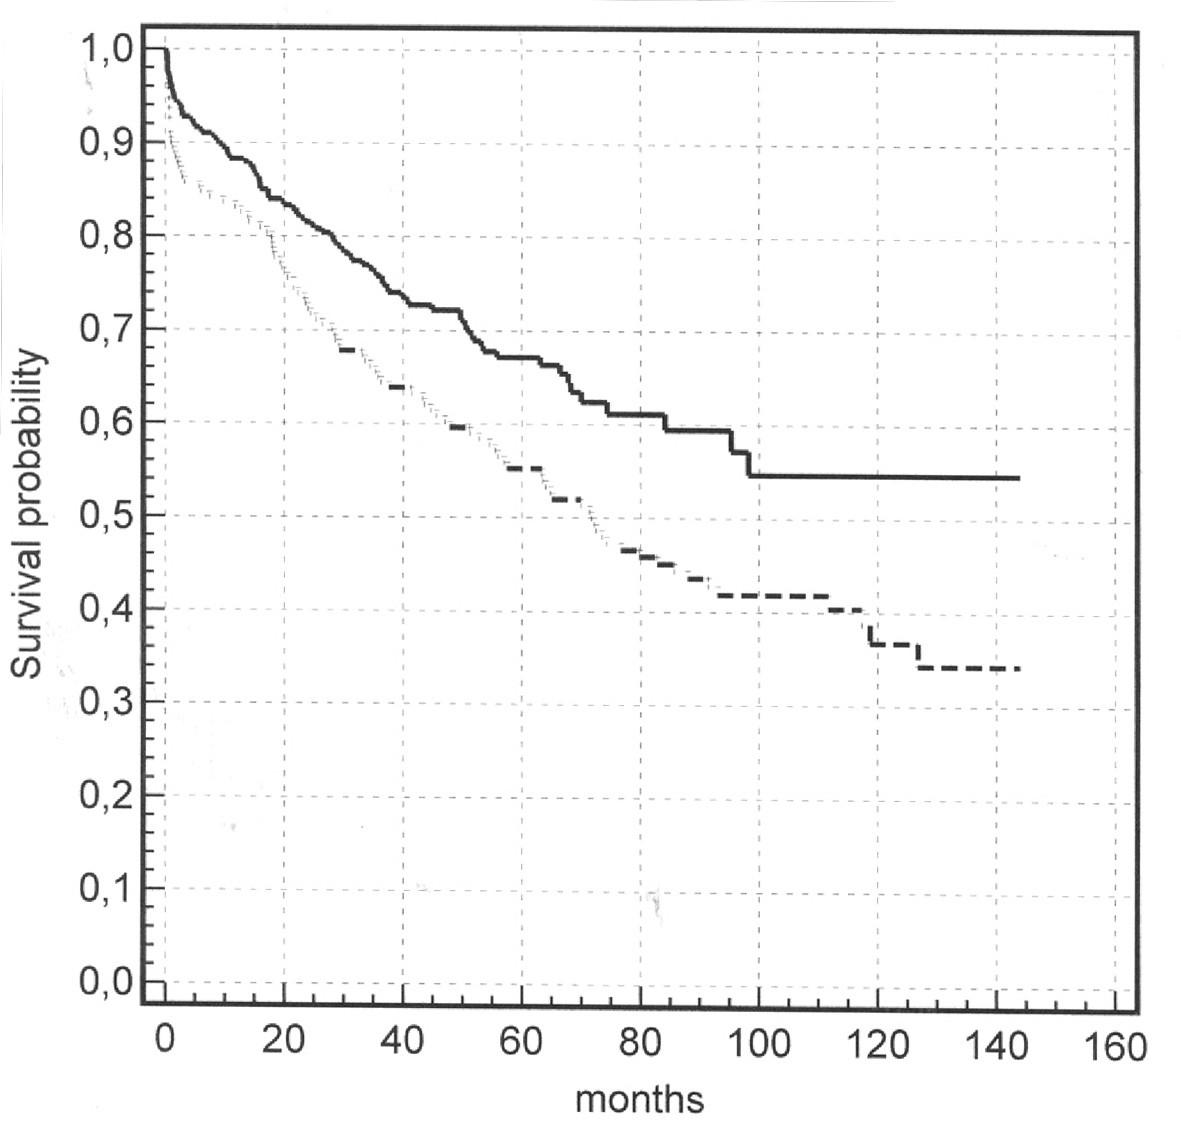 Porovnání celkového přežití pacientů s radikální lymfadenektomií (plná čára) vs. bez radikální lymfadenektomie (přerušovaná čára) Graph 1. Comparison of the overall survival rates in the radical lymphadenectomy group (full line) vs. the group without lymphadenectomy (dashed line)